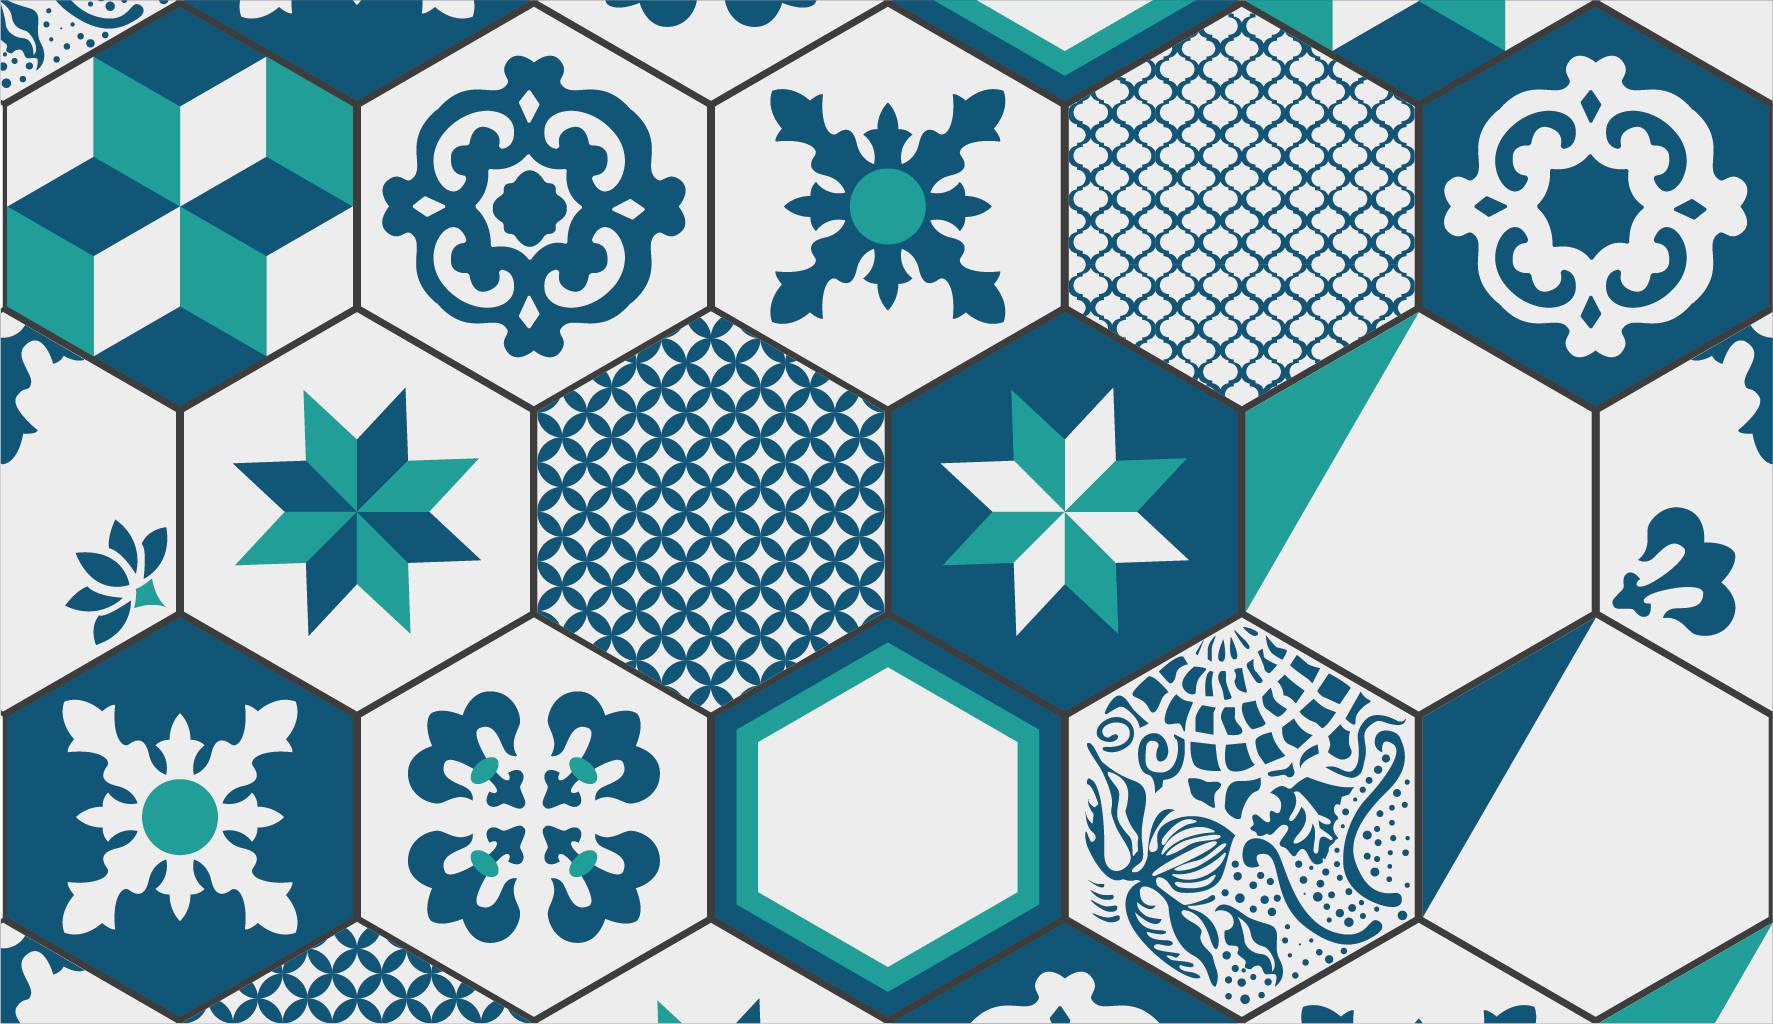 El papel de la cerámica en la cultura